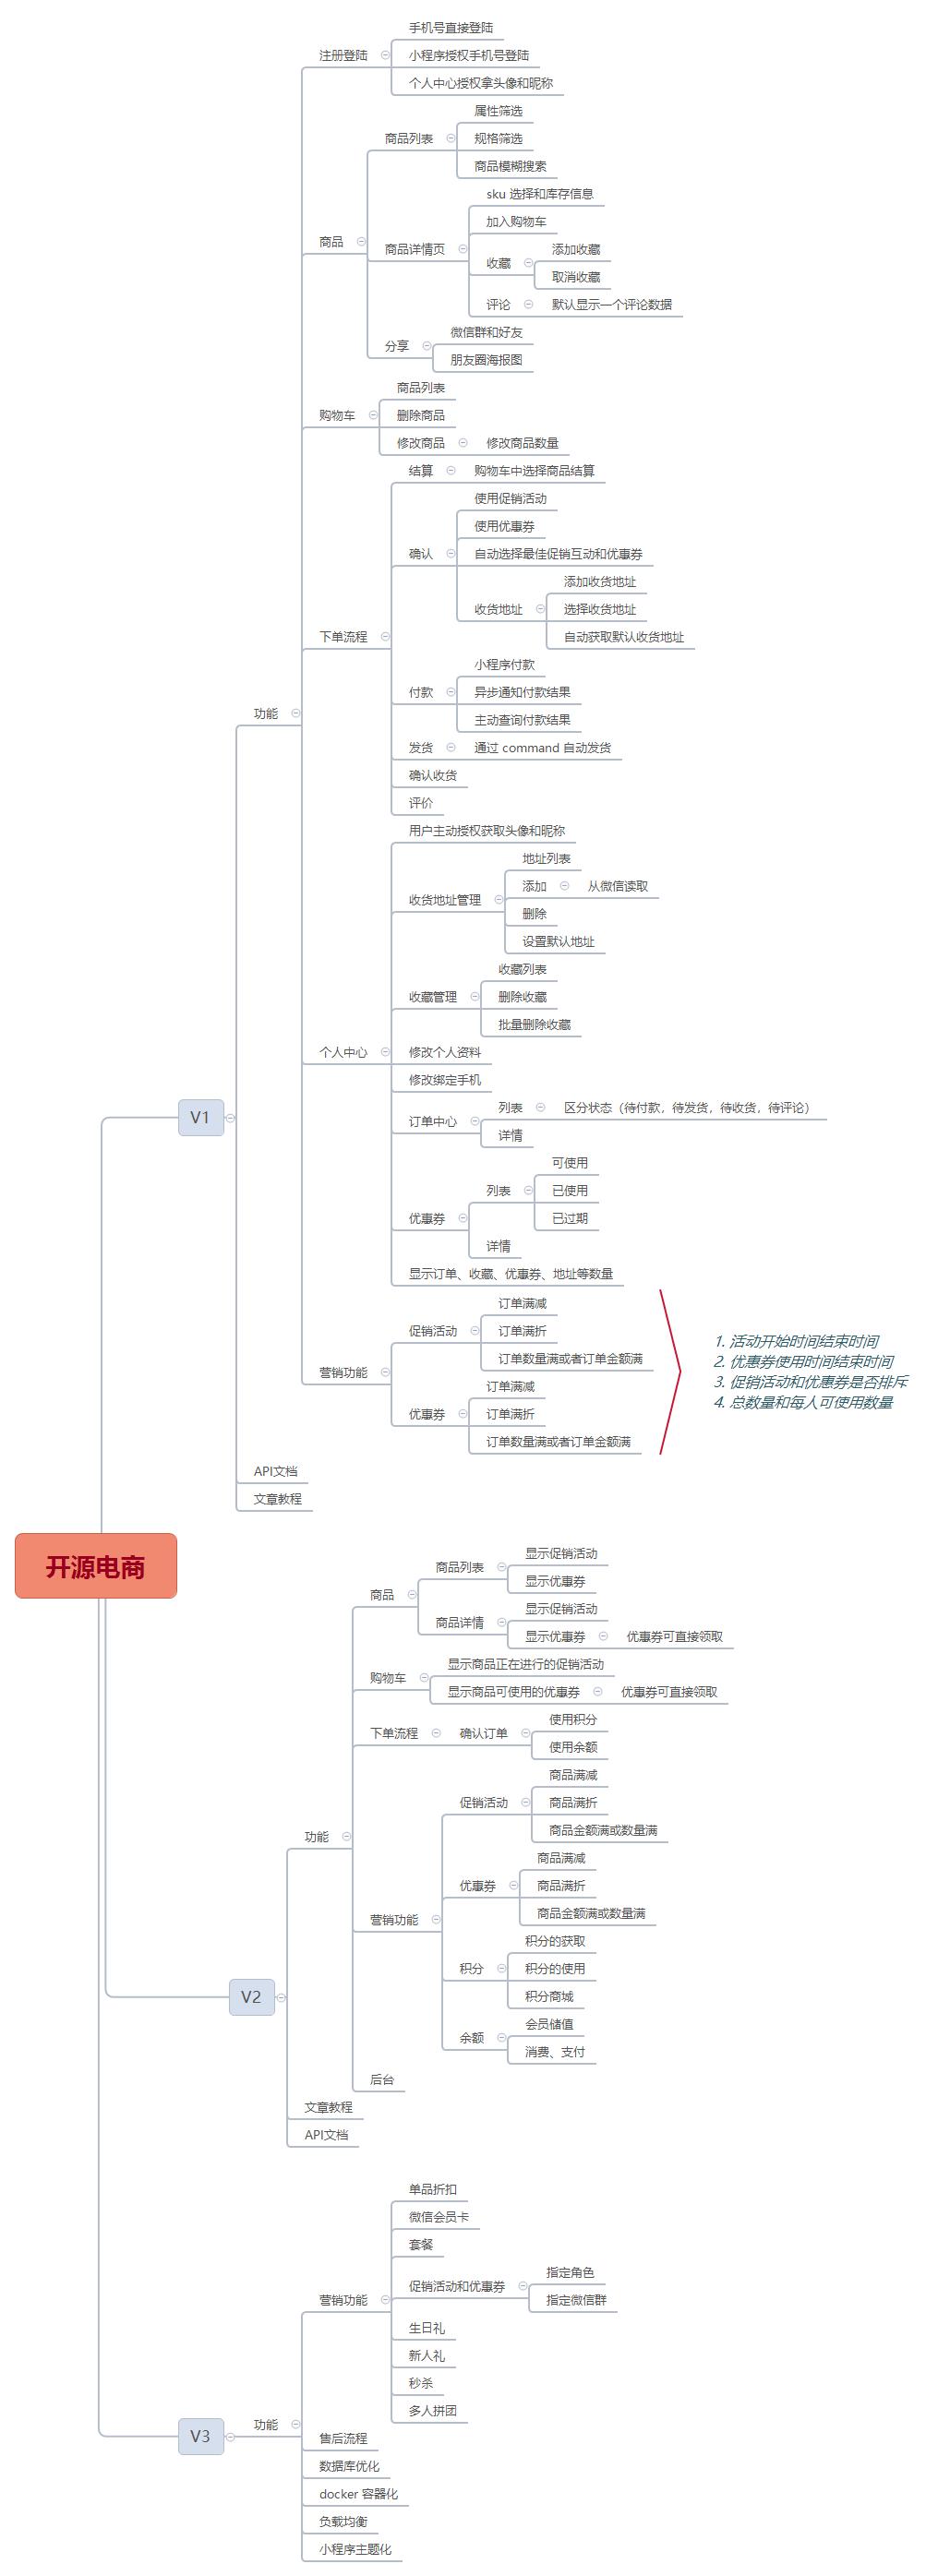 开源电商计划